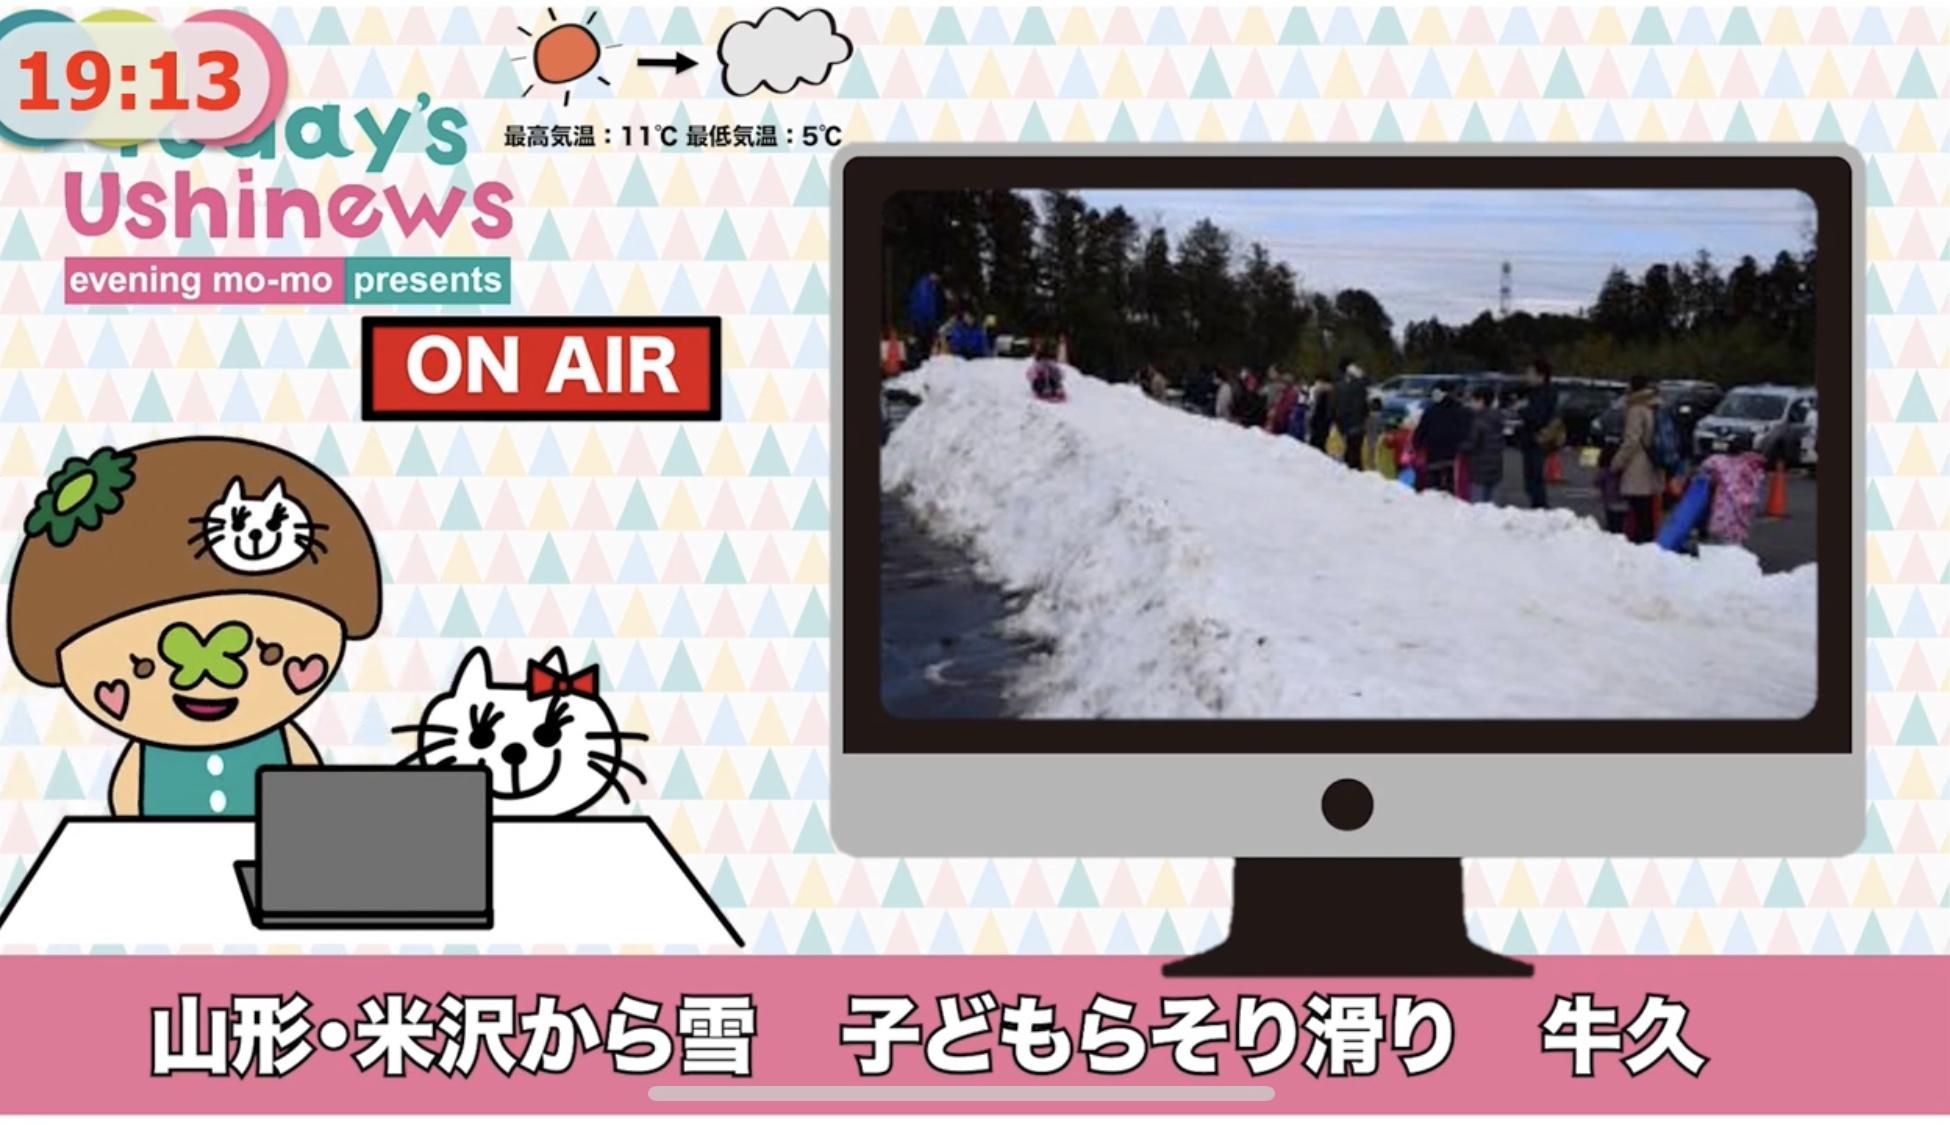 USHINEWS:山形・米沢から雪 子どもらそり滑り 牛久 (茨城新聞1/30)